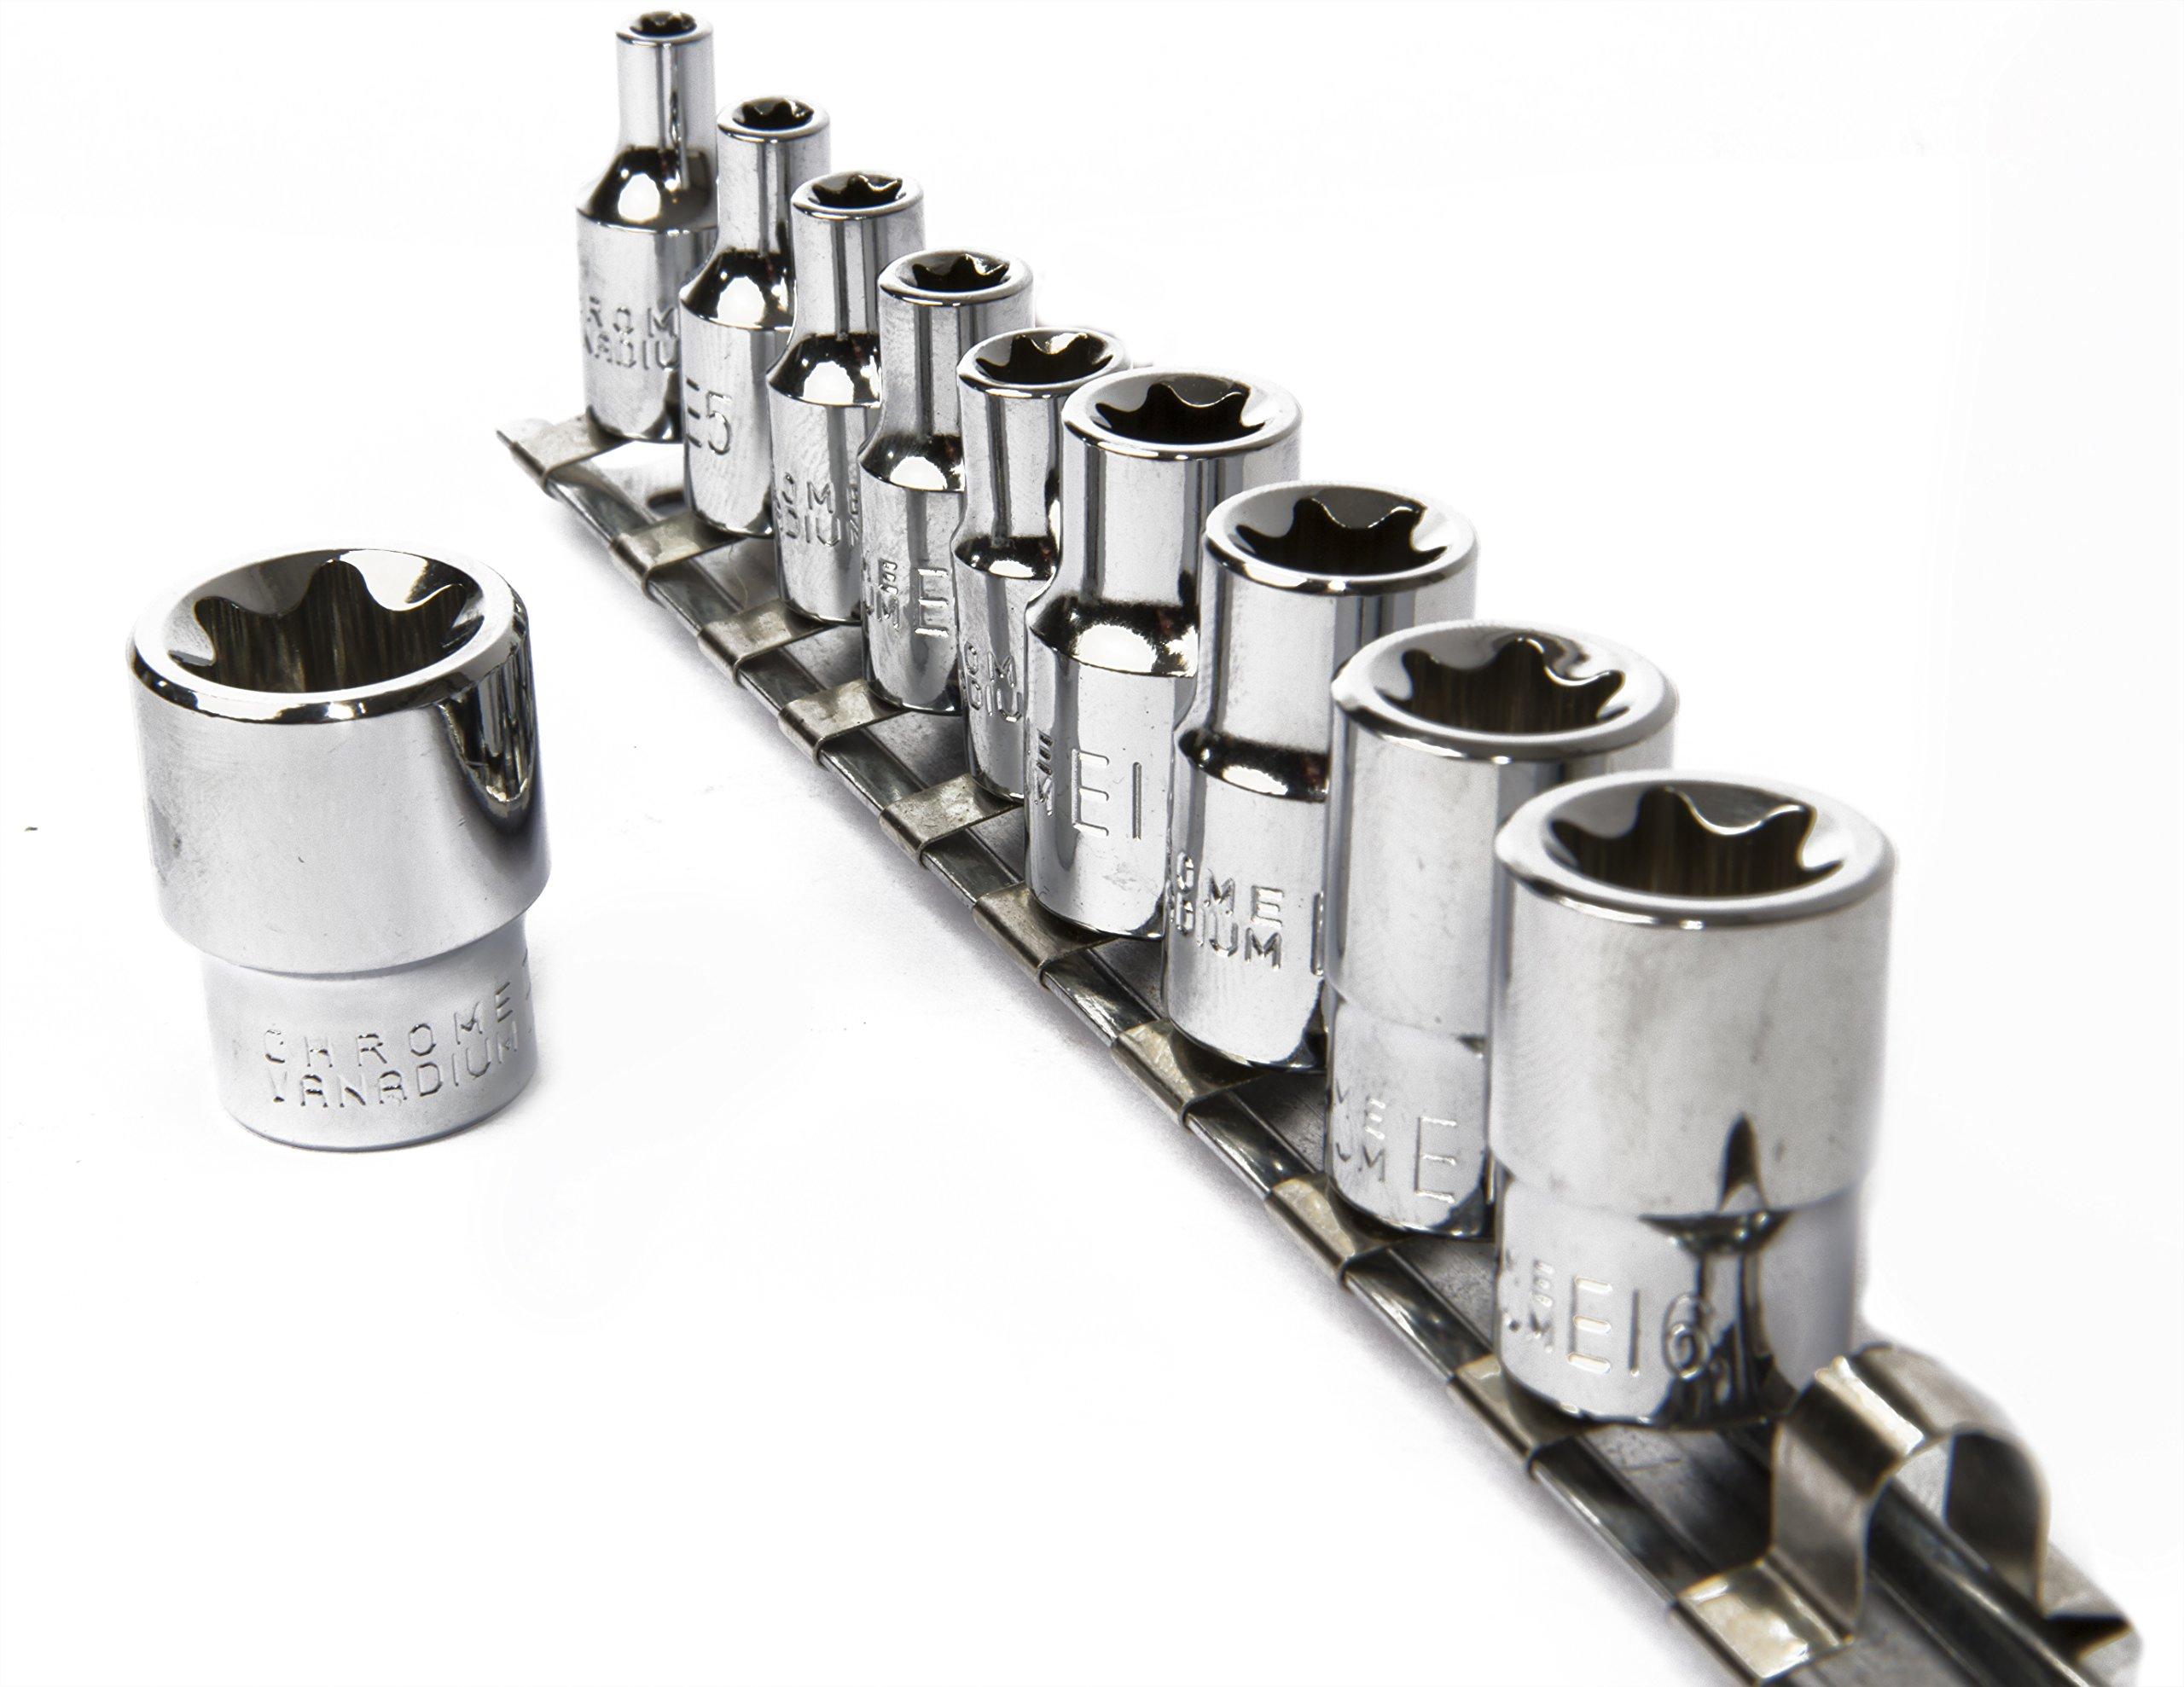 eHomeA2Z 10 Pc E-Torx Female Star Socket Set CR-V Steel